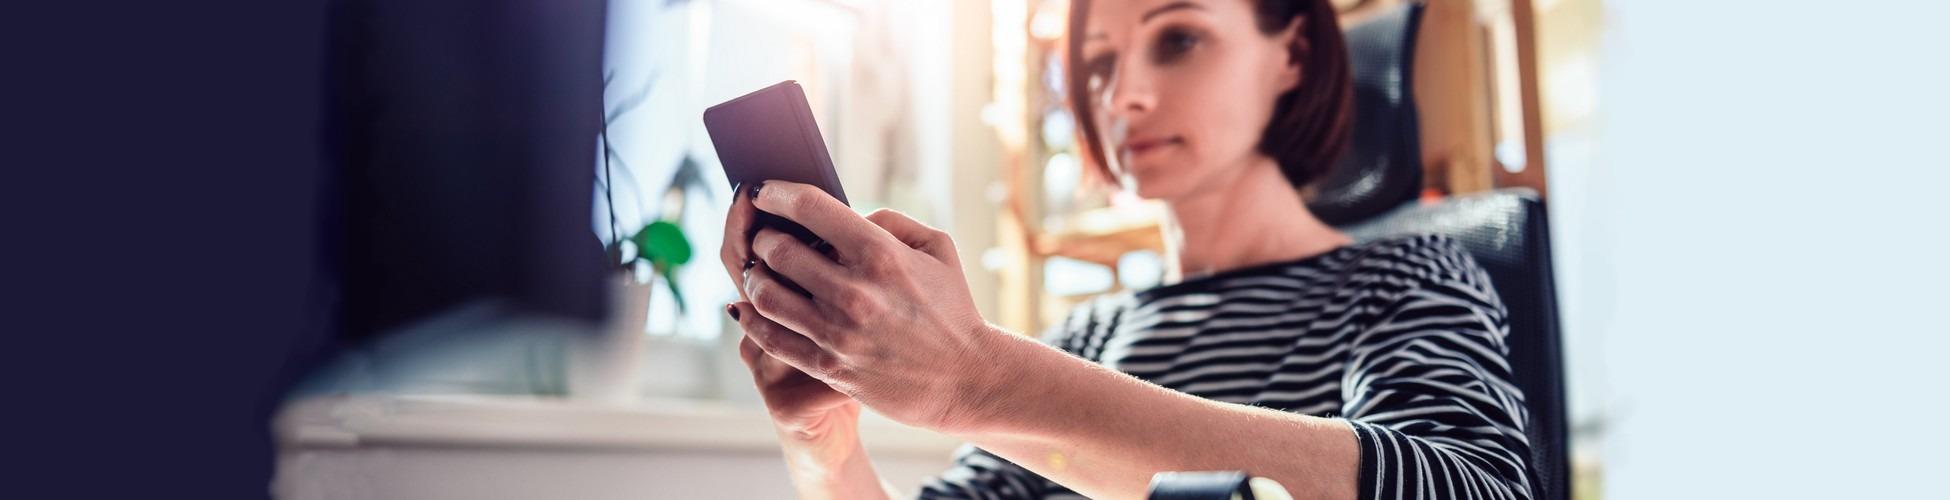 slider femme qui gère son bundget sur une appli de budget en ligne